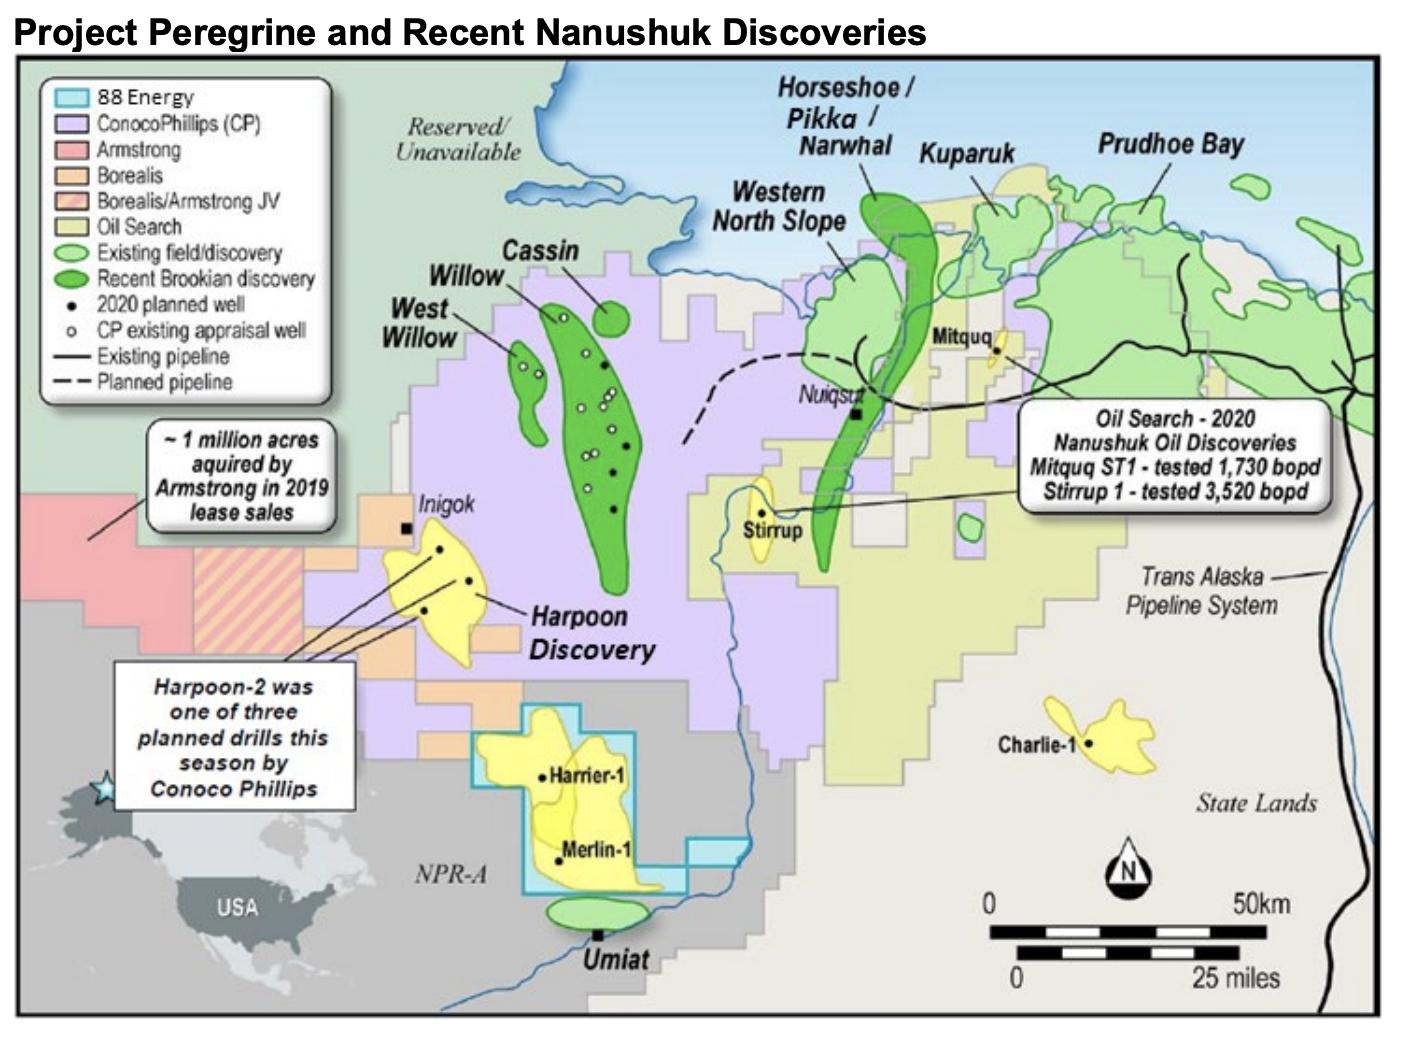 پروژه Peregrine و یافته های اخیر Nanushuk منبع 88 انرژی